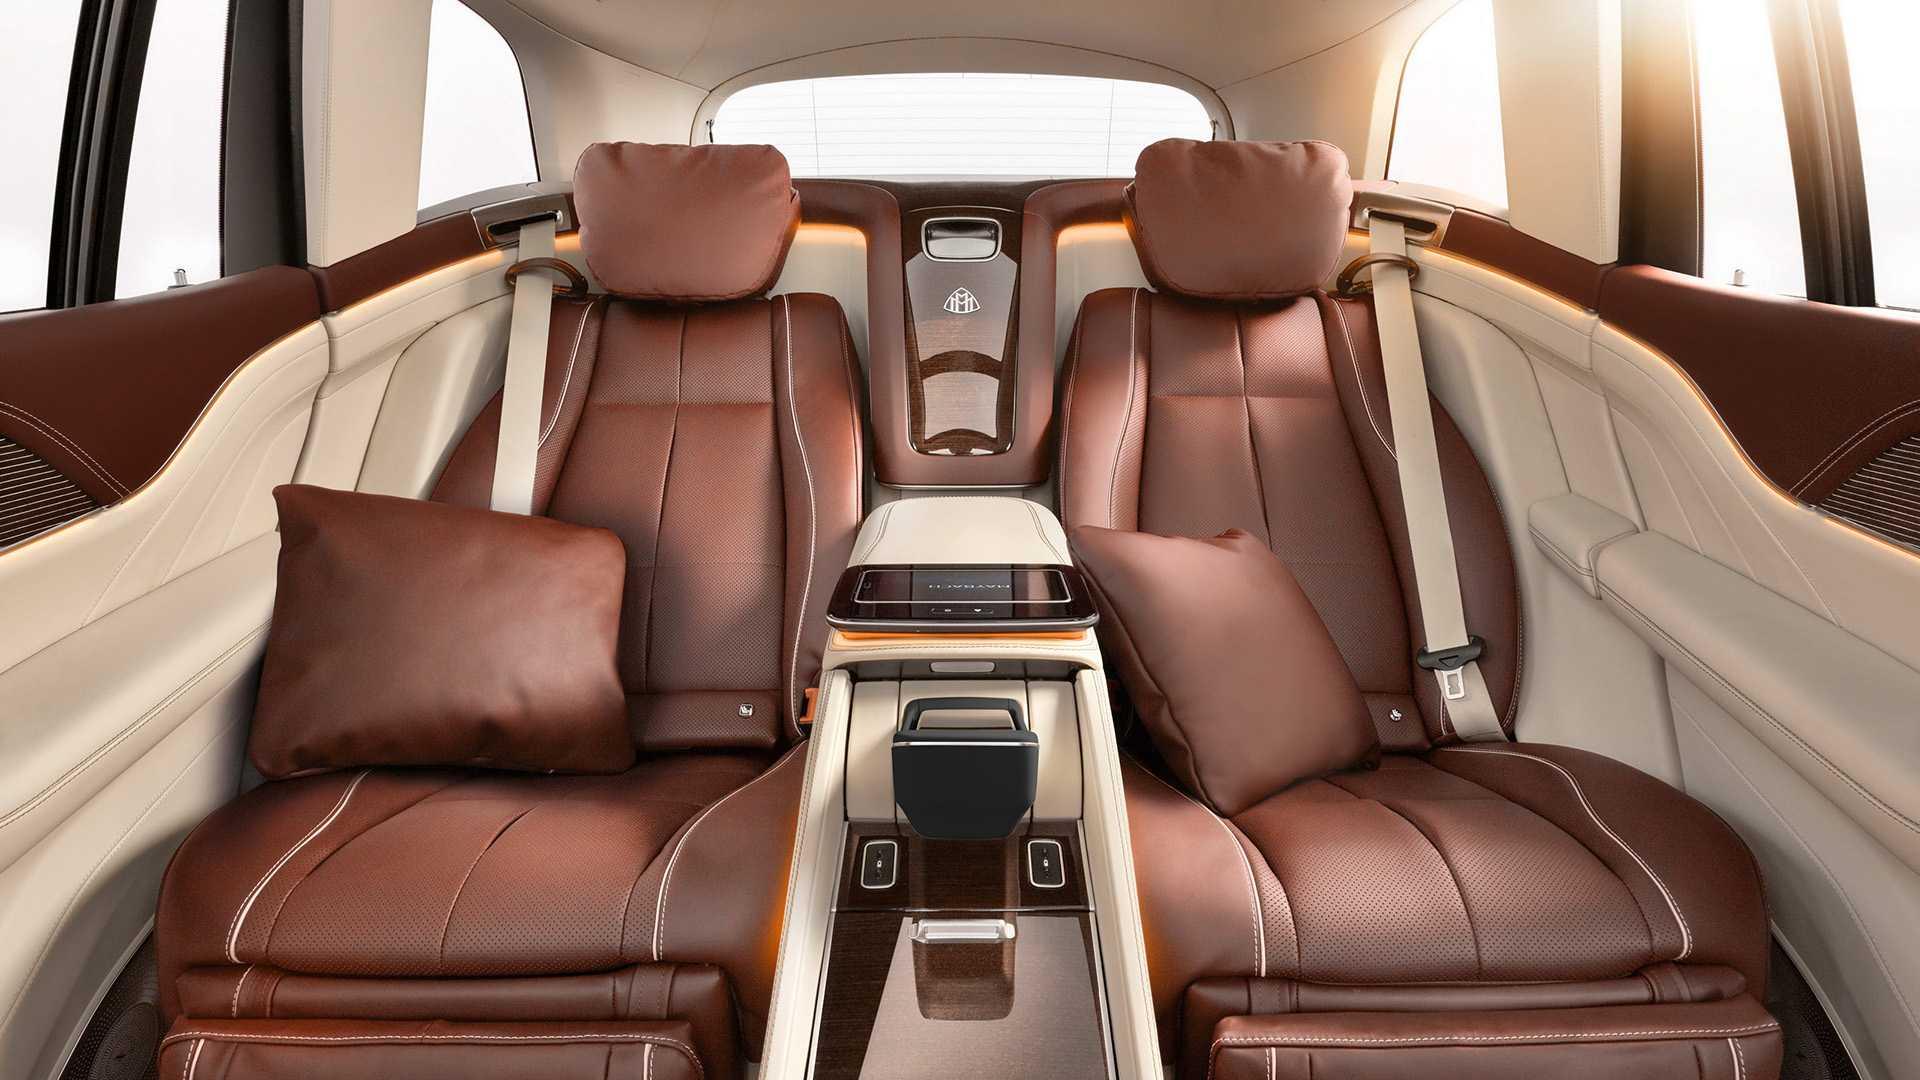 陆地豪华头等舱 迈巴赫GLS将于本月上市发售